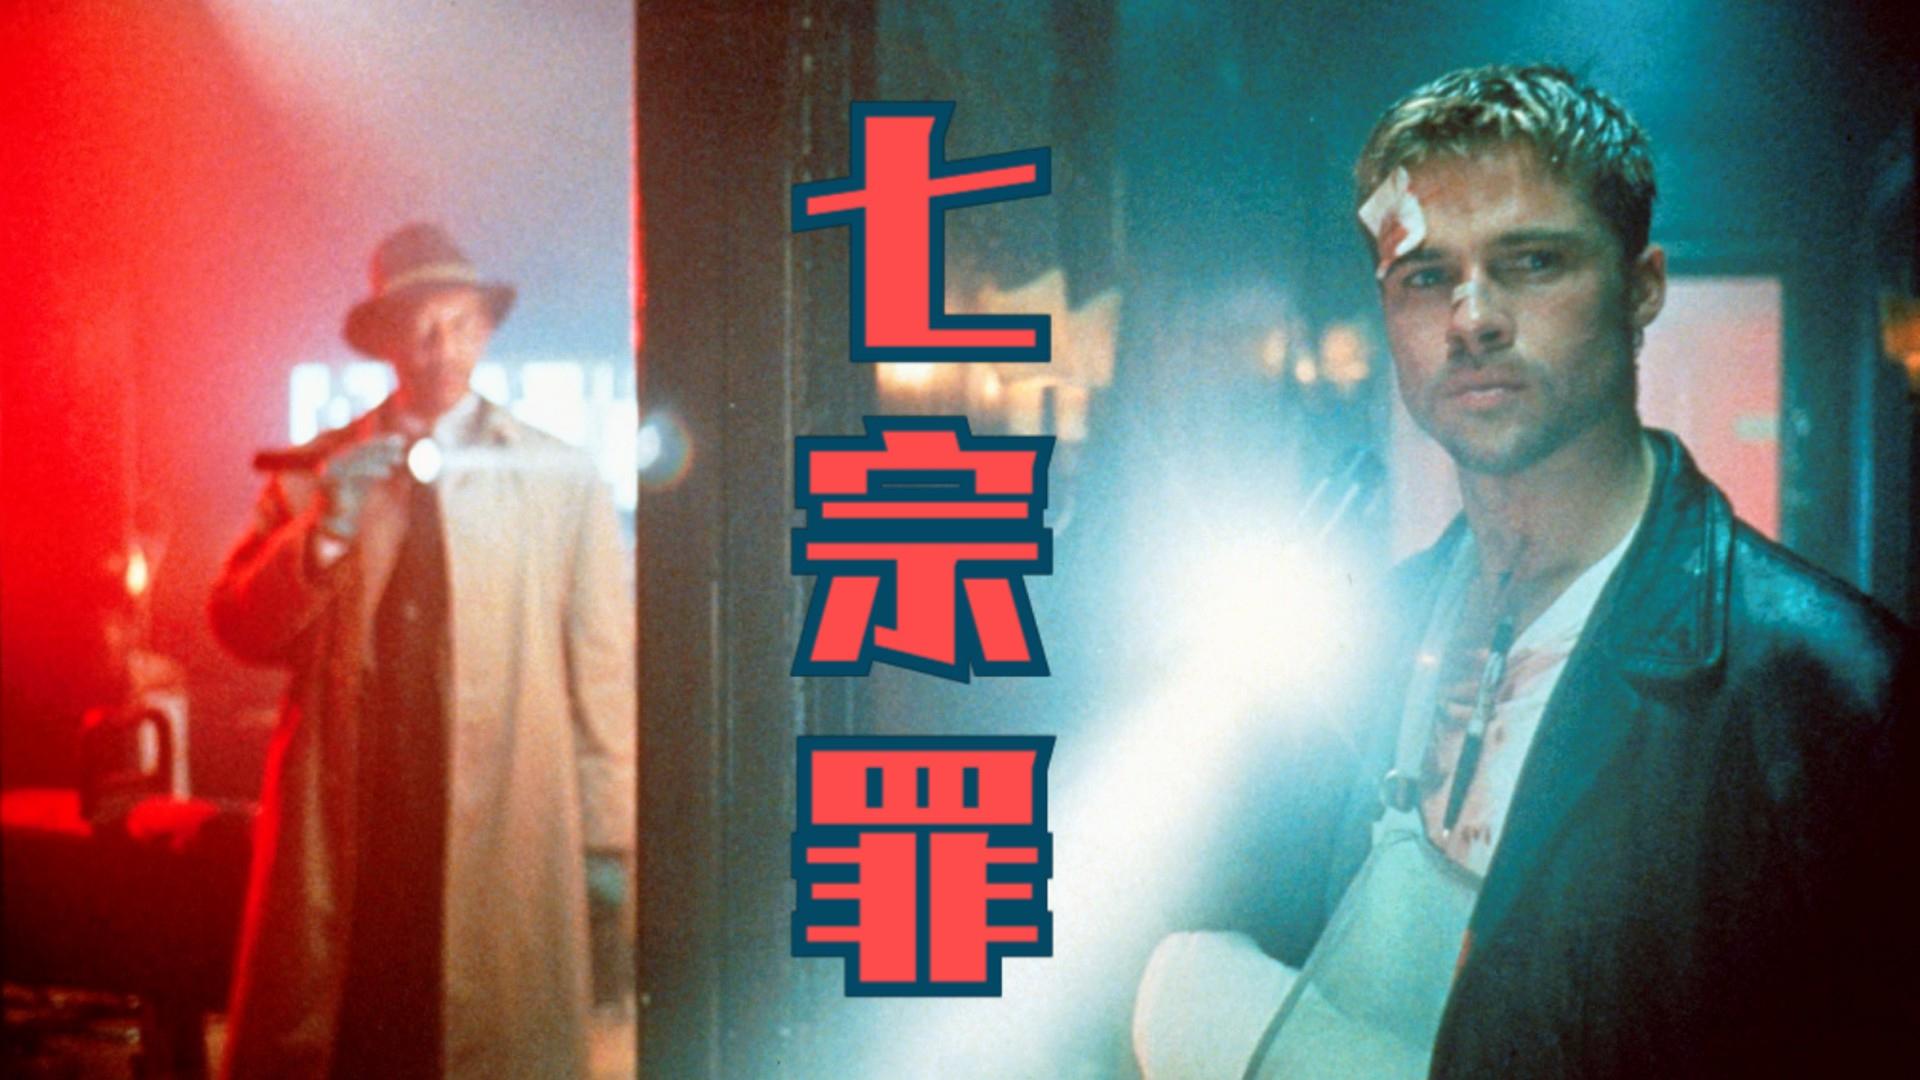 《七宗罪》:高智商犯罪片,精心设计的连环谋杀,越看越窒息!